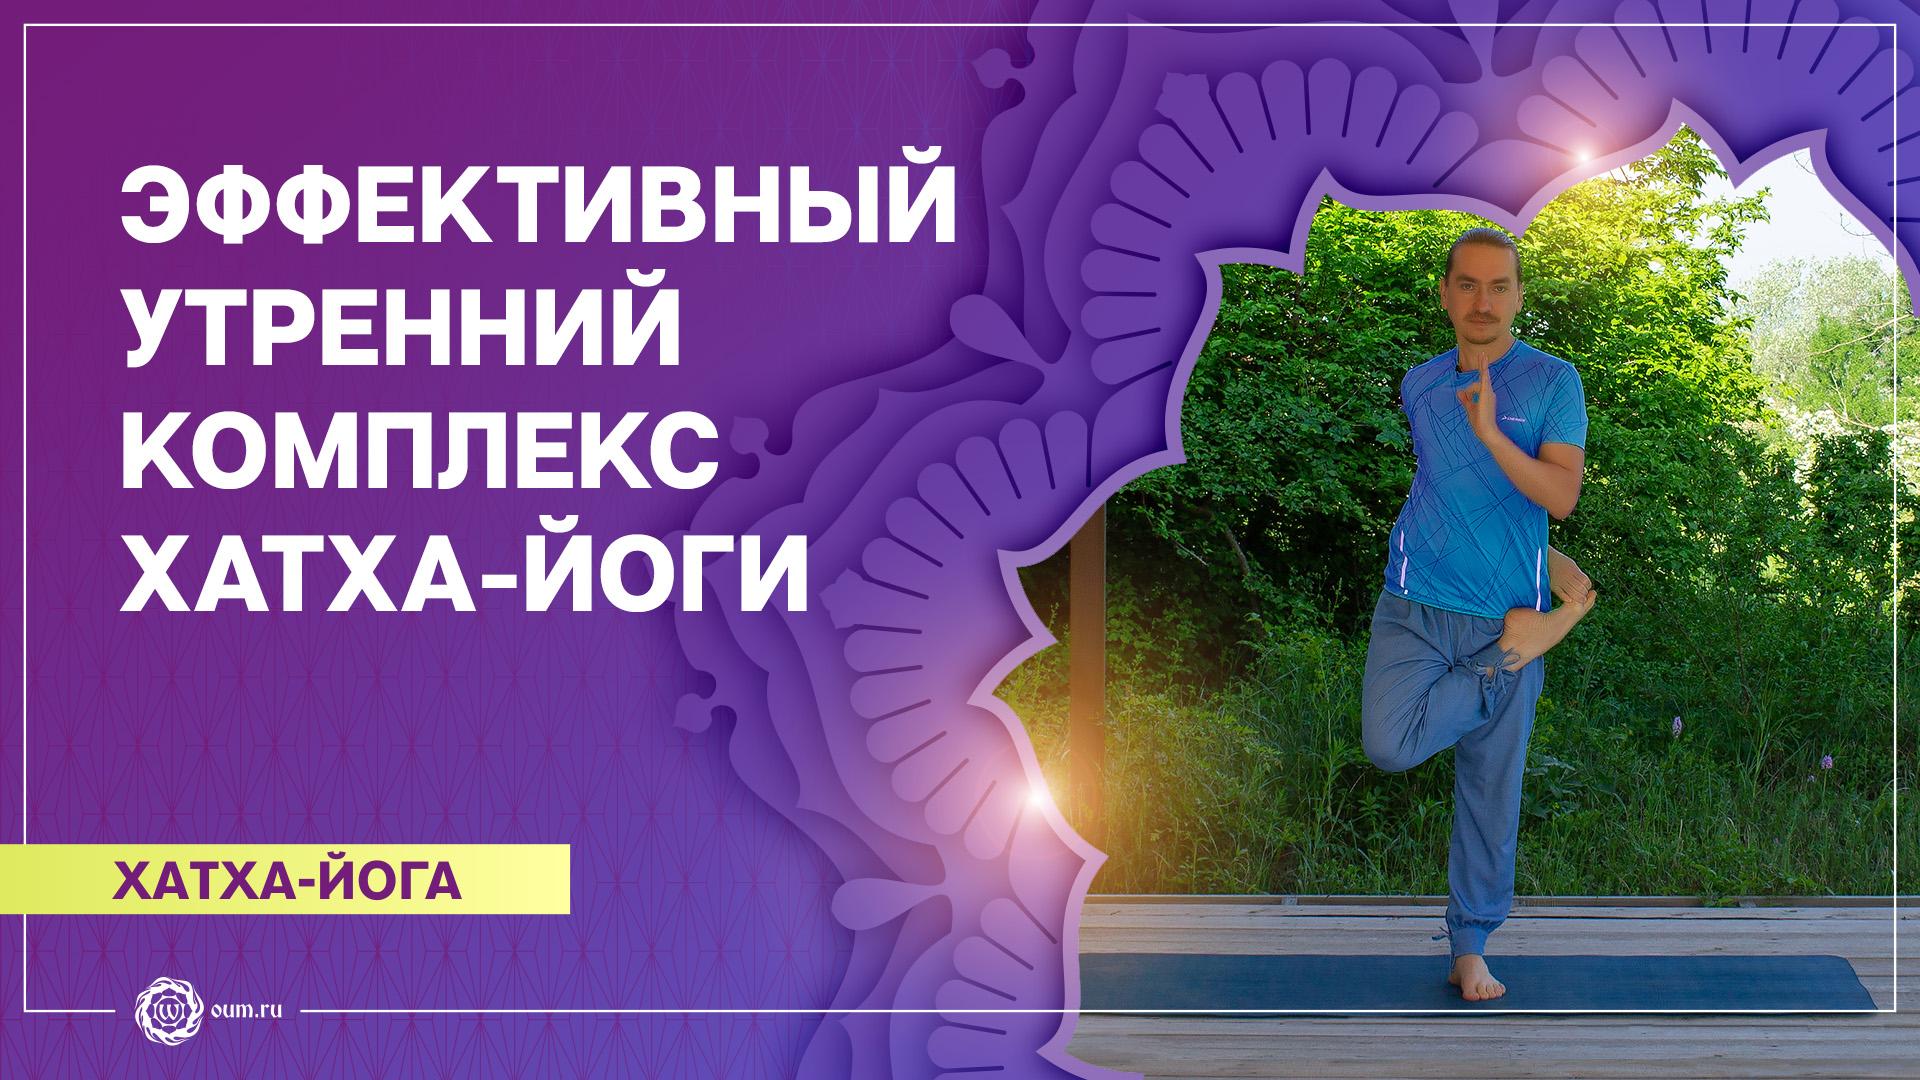 Эффективный утренний комплекс хатха-йоги. Александр Назаренко